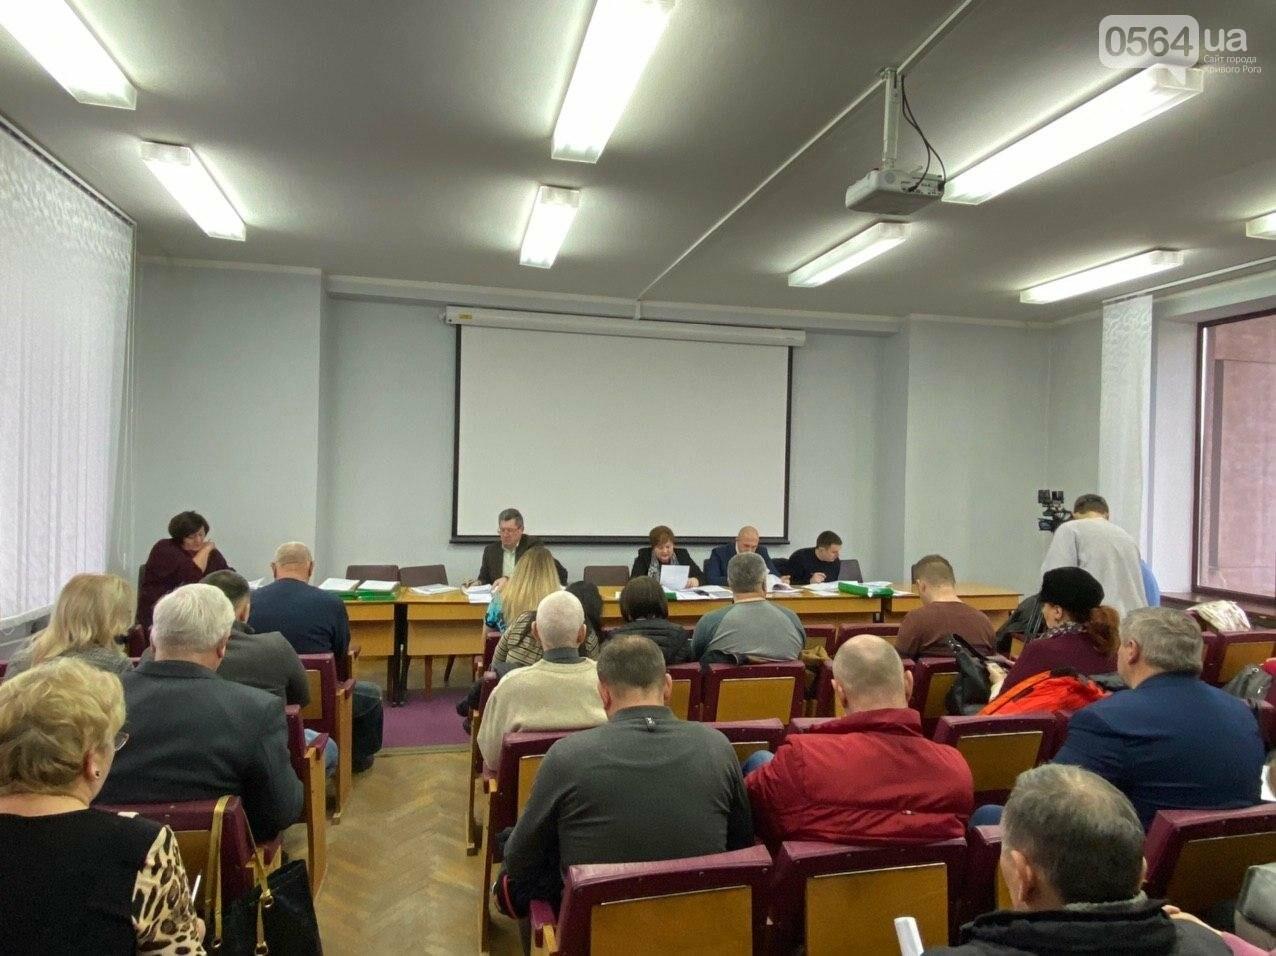 Криворожские депутаты собрались на заседания постоянных комиссий, - ФОТО, ВИДЕО, фото-16